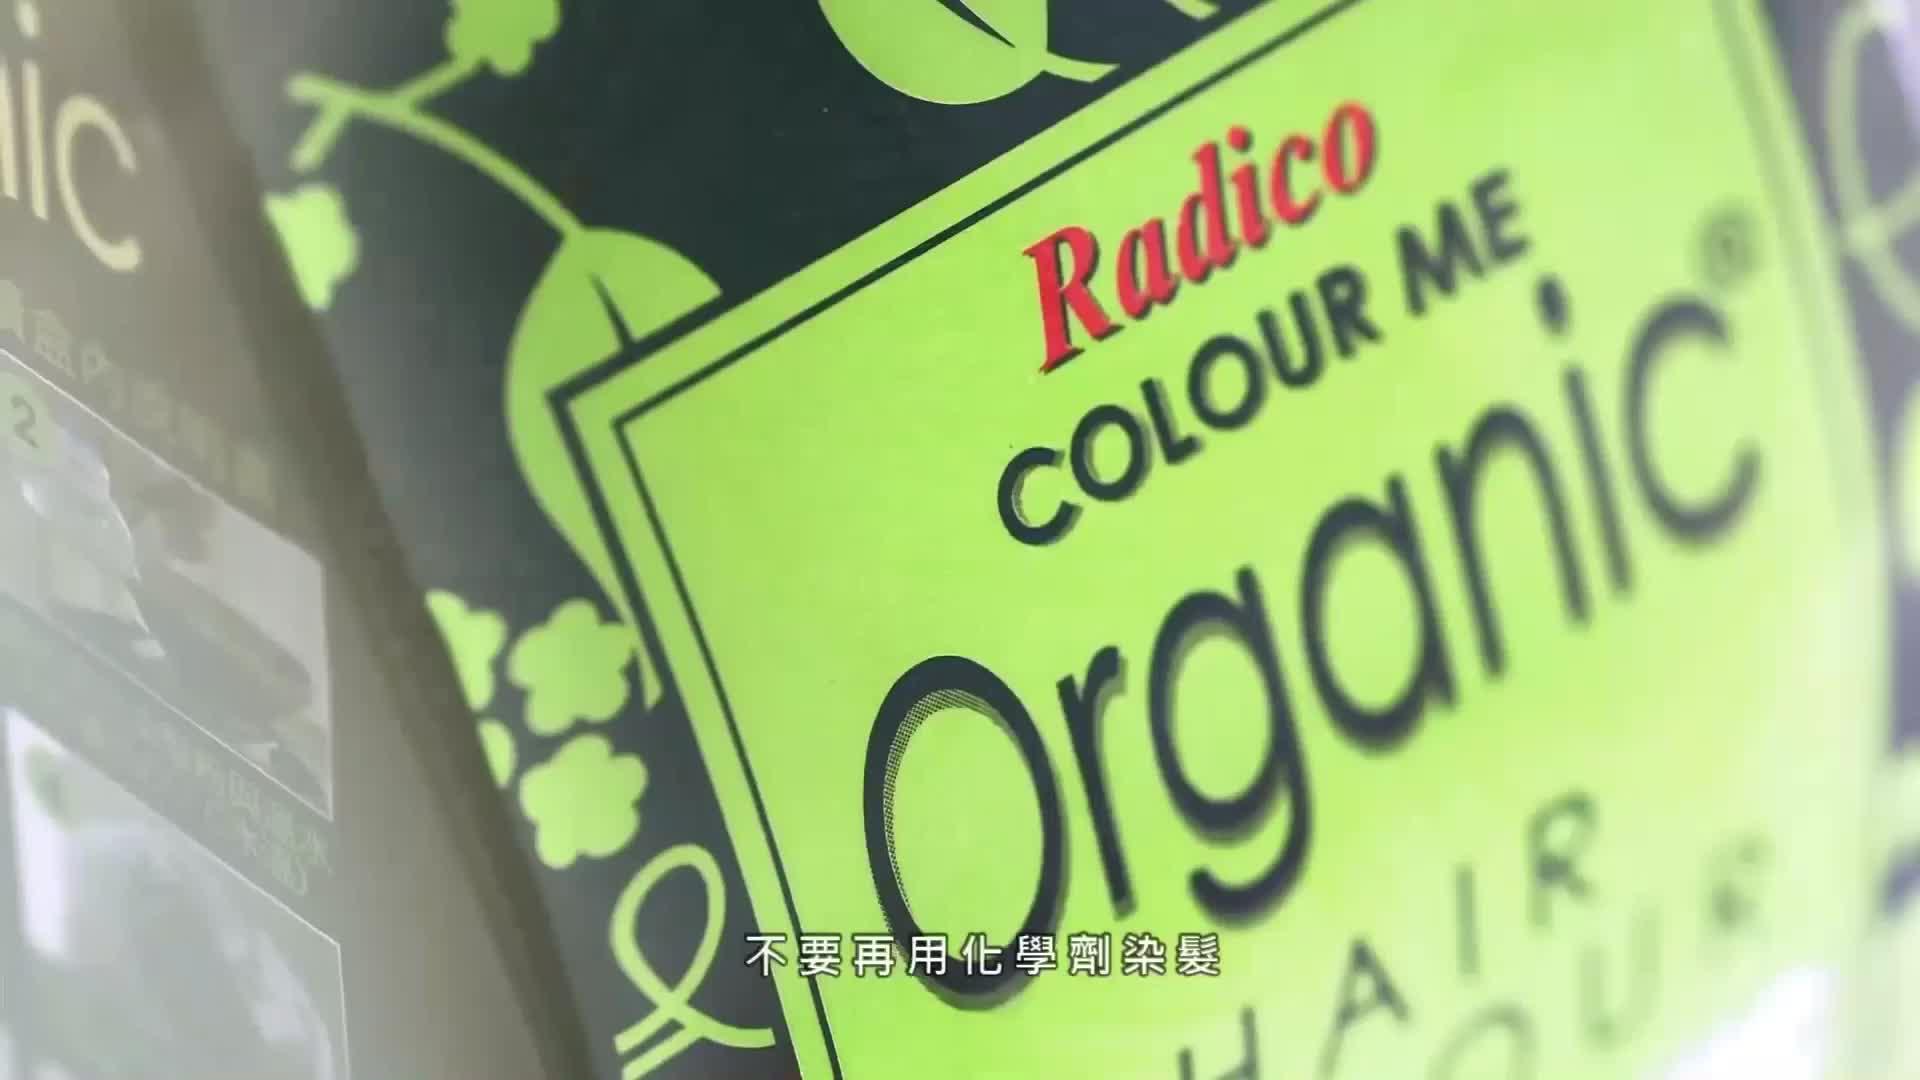 央视广告欣赏-Radico 有机染发中心-2